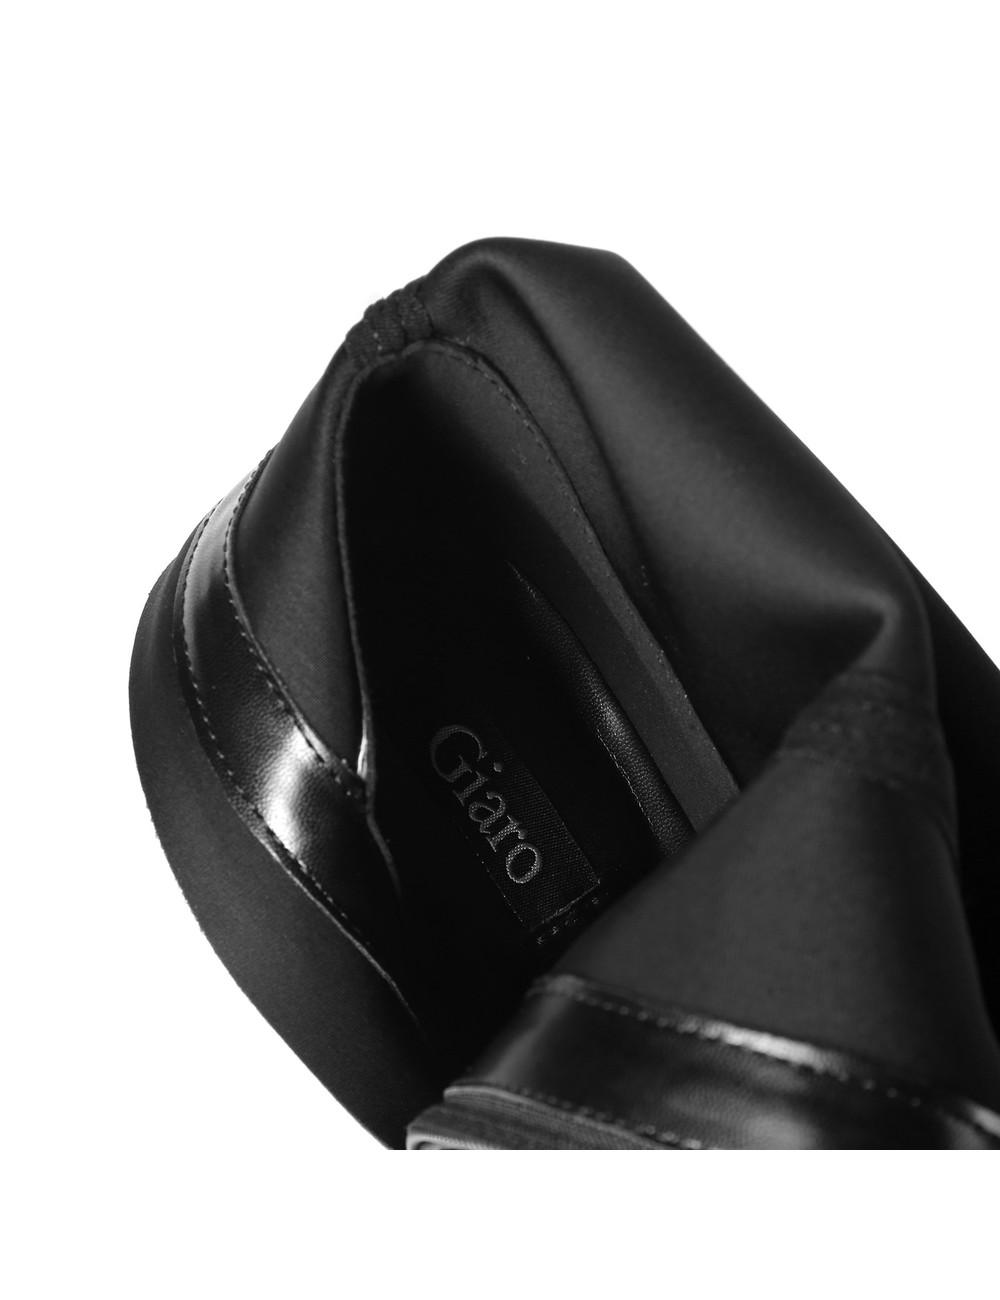 Giaro Giaro VIDA schwarze Oberschenkelstiefel Profilsohlen